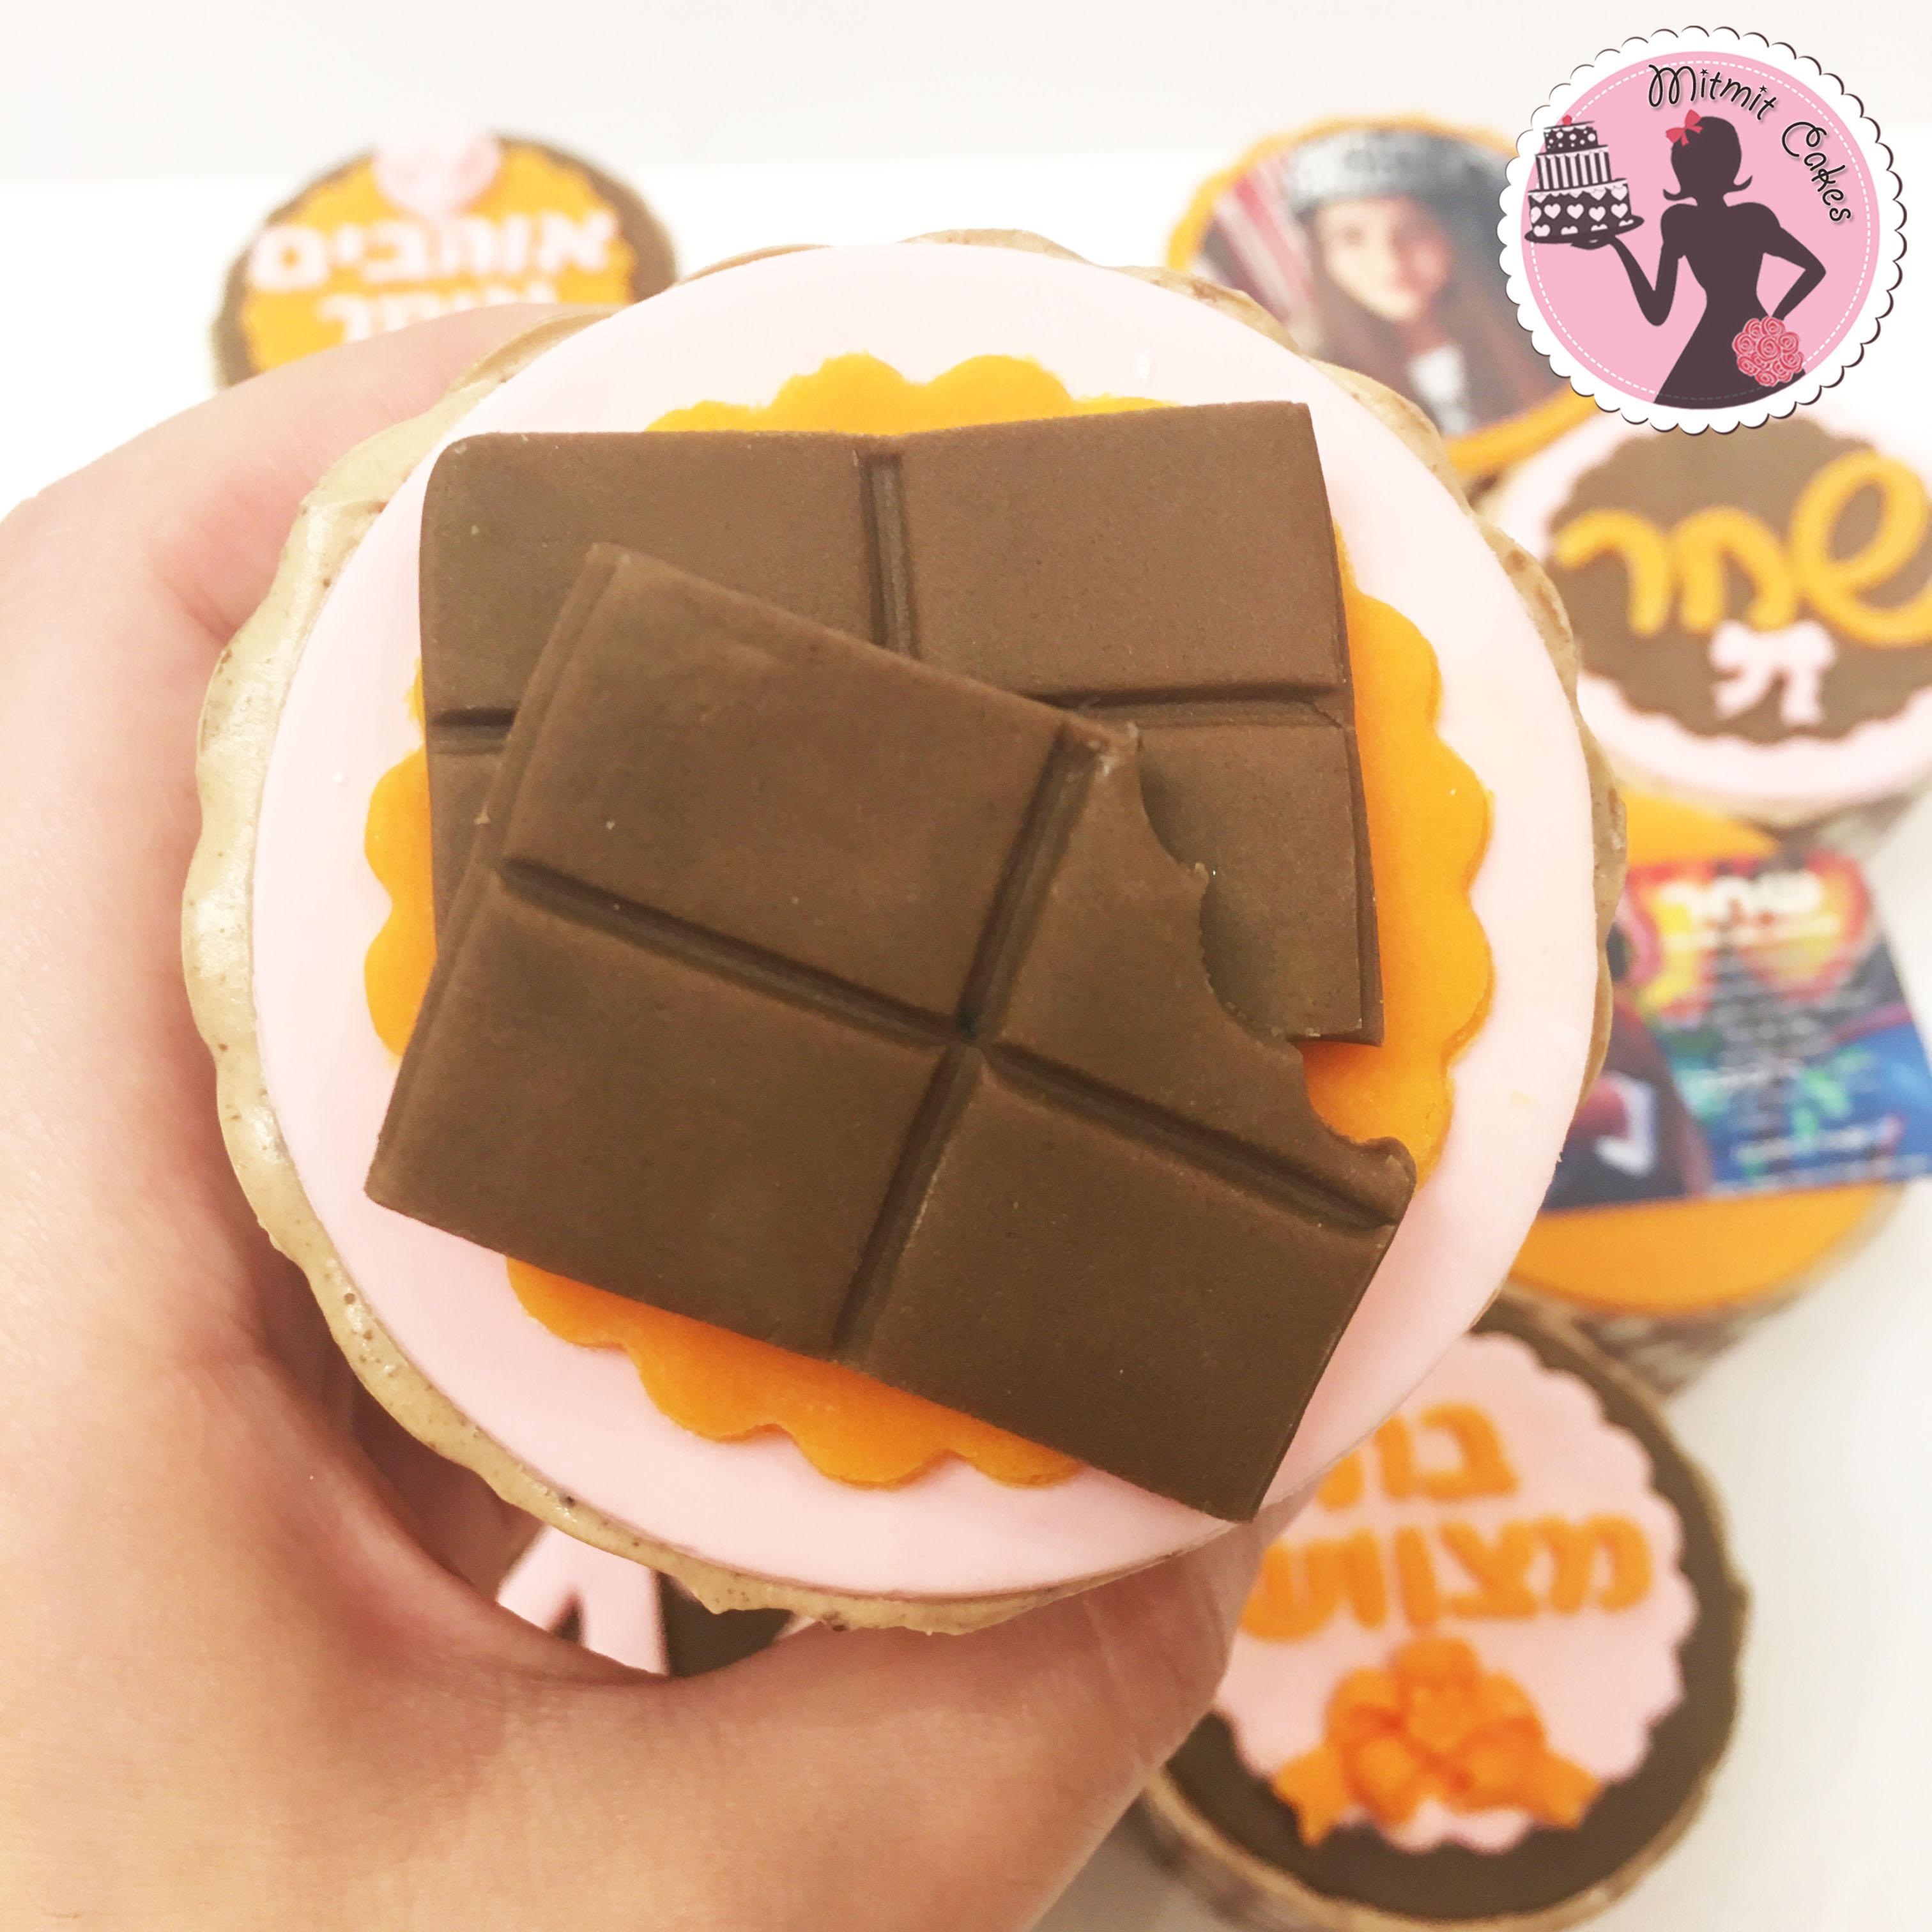 פיסול קוביות שוקולד על קאפקייק